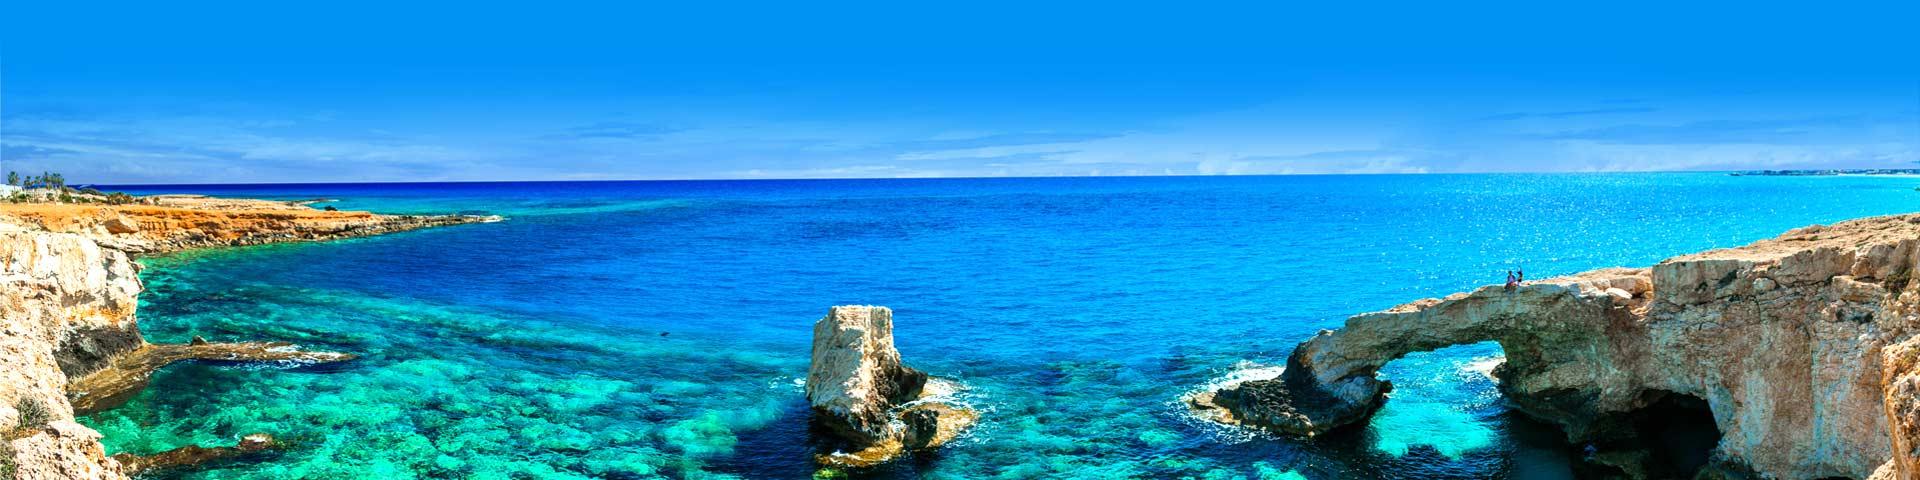 Schitterend kraakhelder zeewater met rotsen aan de kust van Cyprus